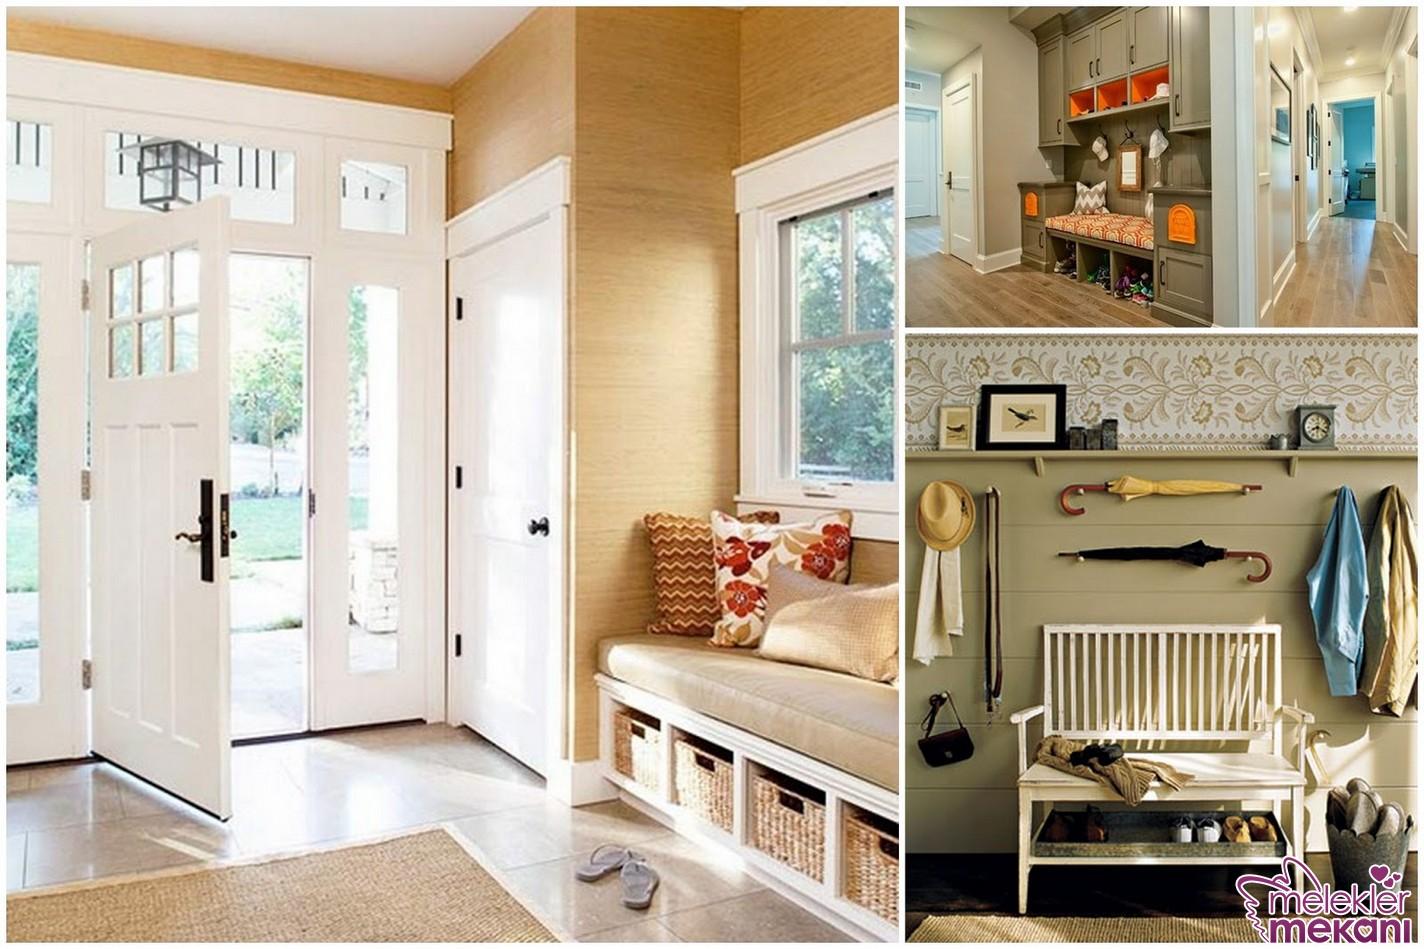 Antre dekorasyonlarınızda dinlenerek evden giriş çıkış yapabileceğiniz alan zenginliklerini elde edebilirsiniz.